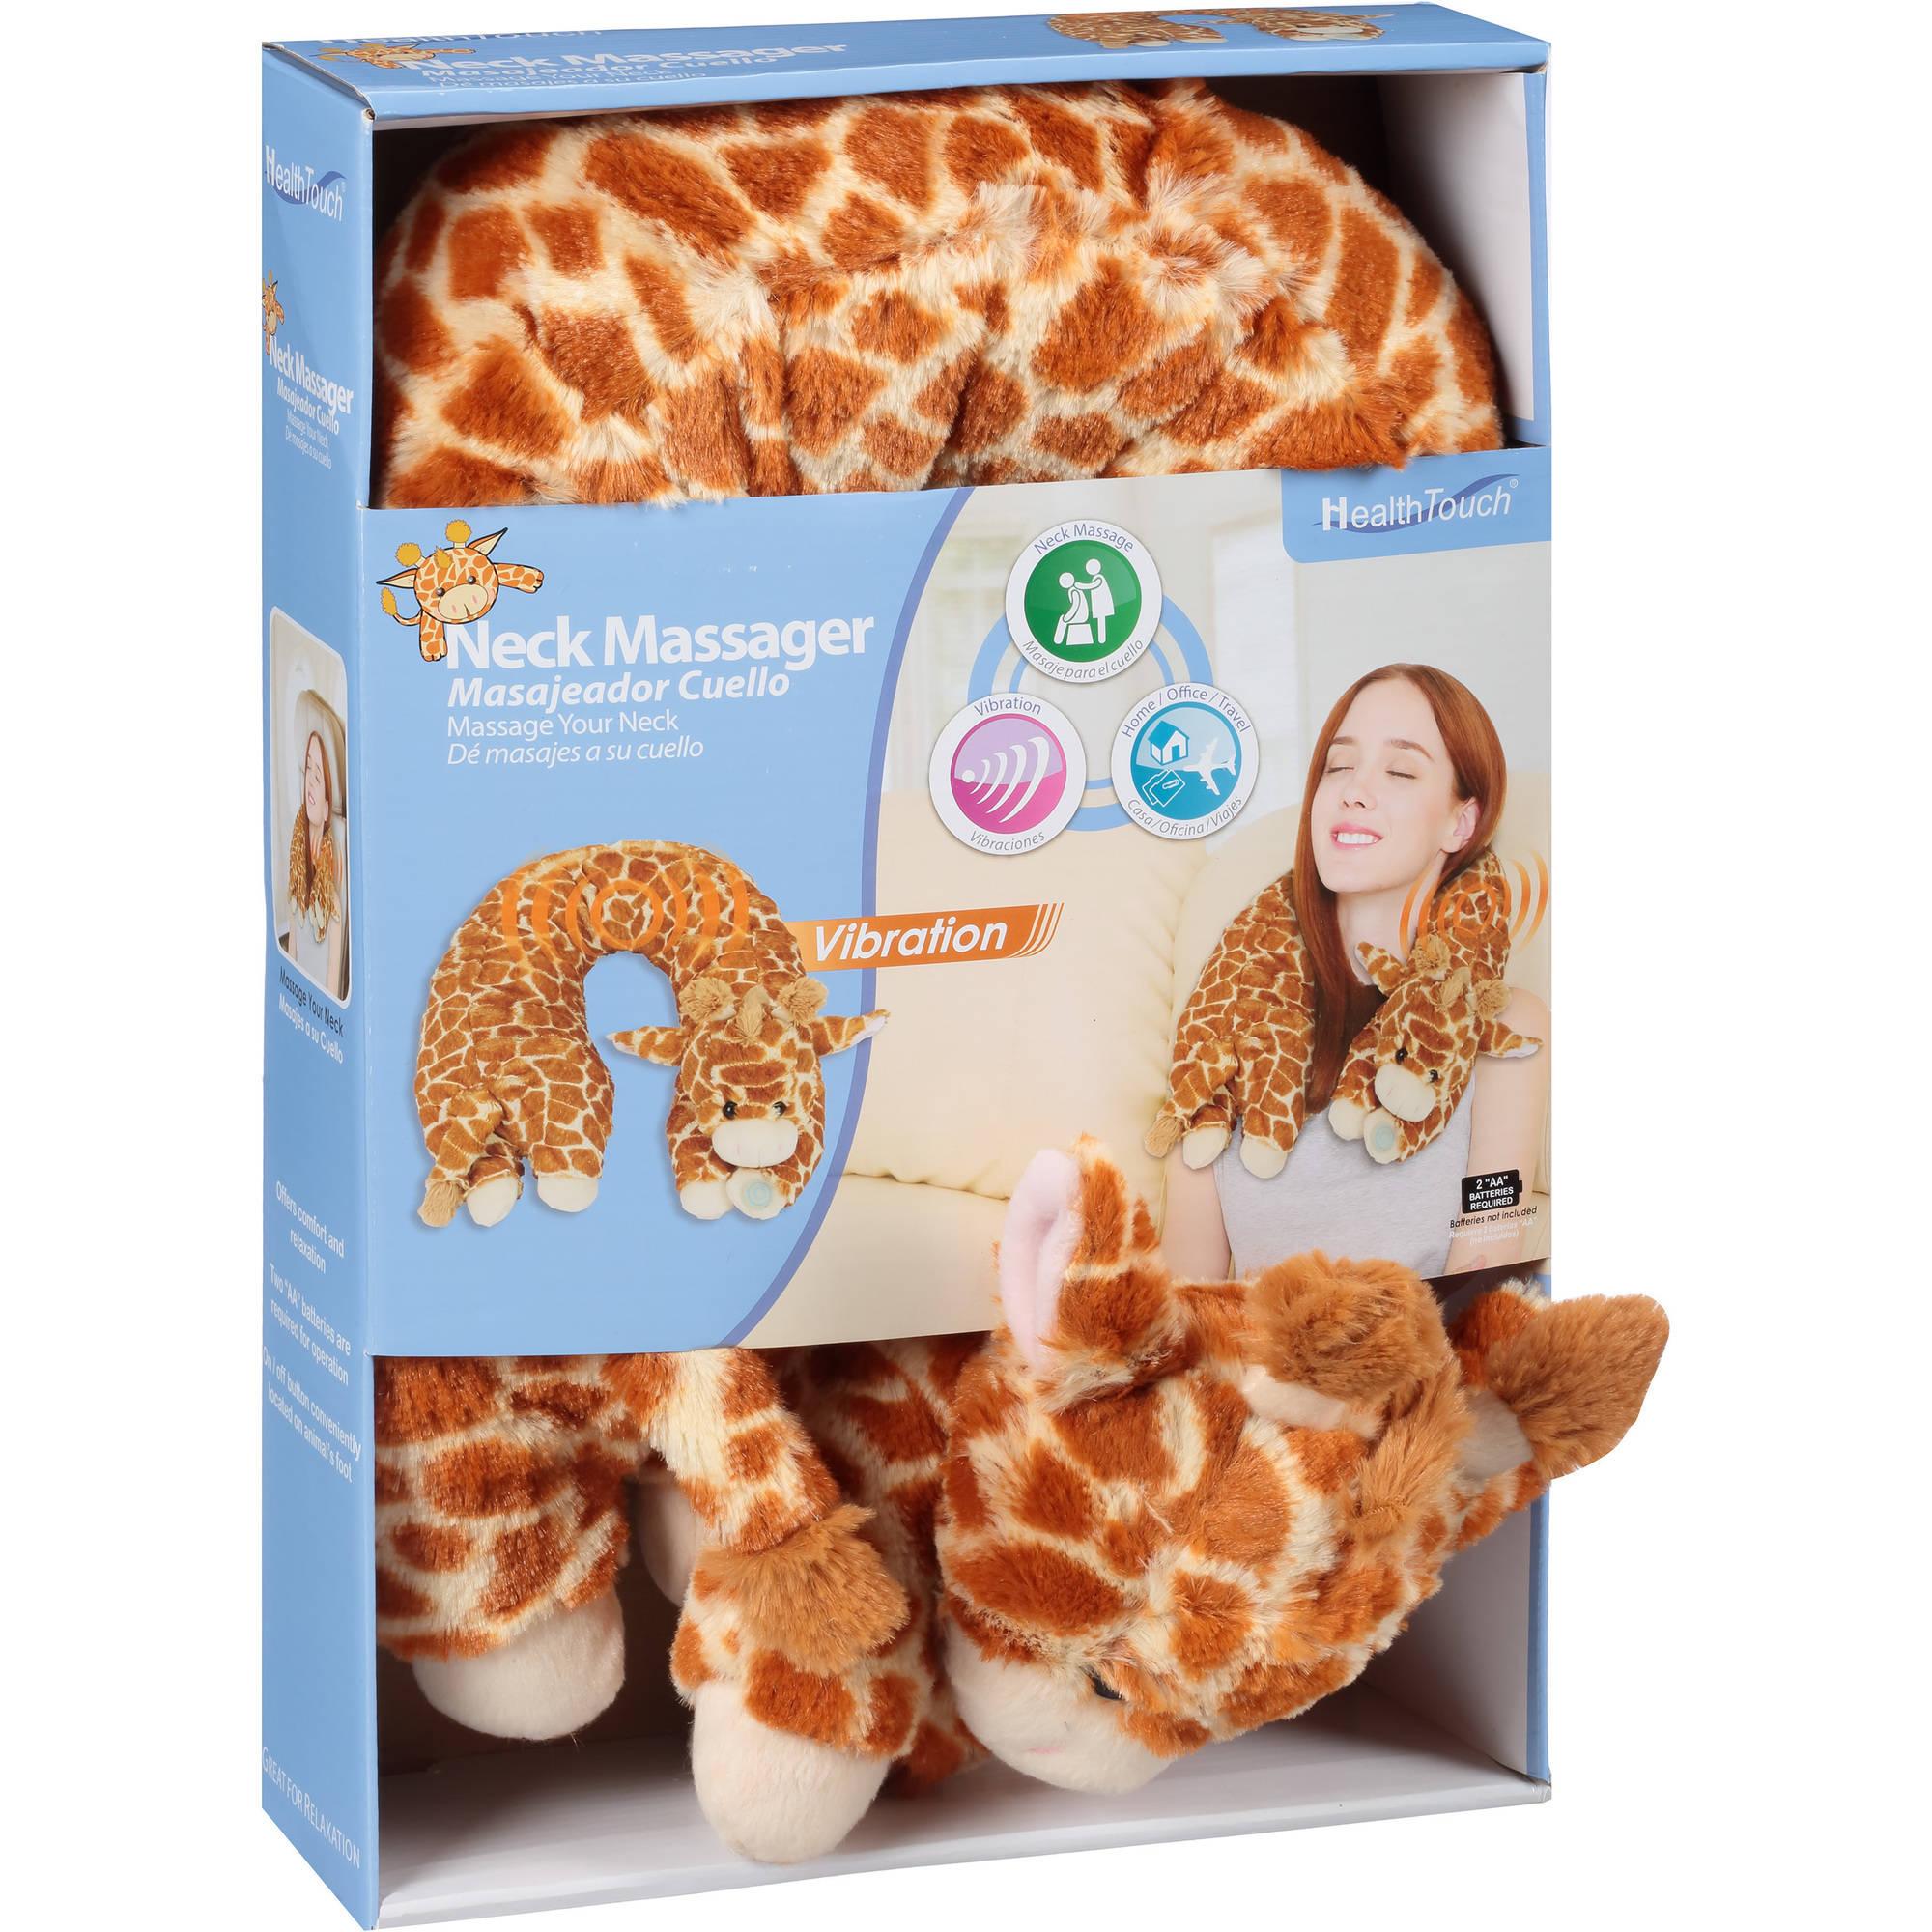 Health Touch Giraffe Neck Massager